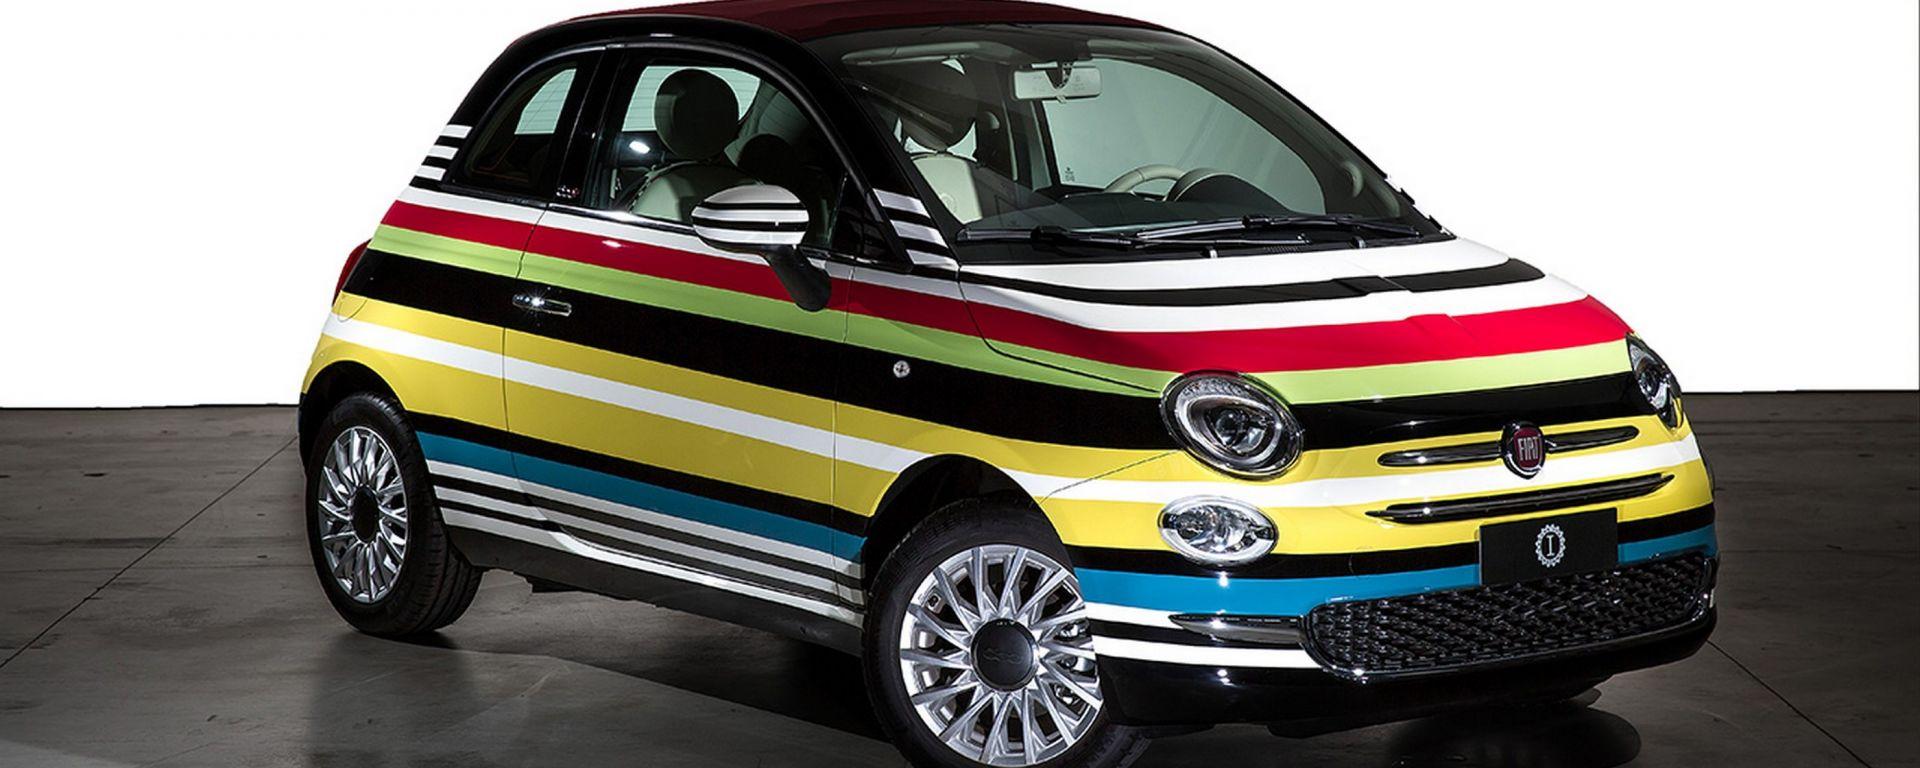 Fiat: battuta all'asta la 500C Missoni customizzata da Garage Italia